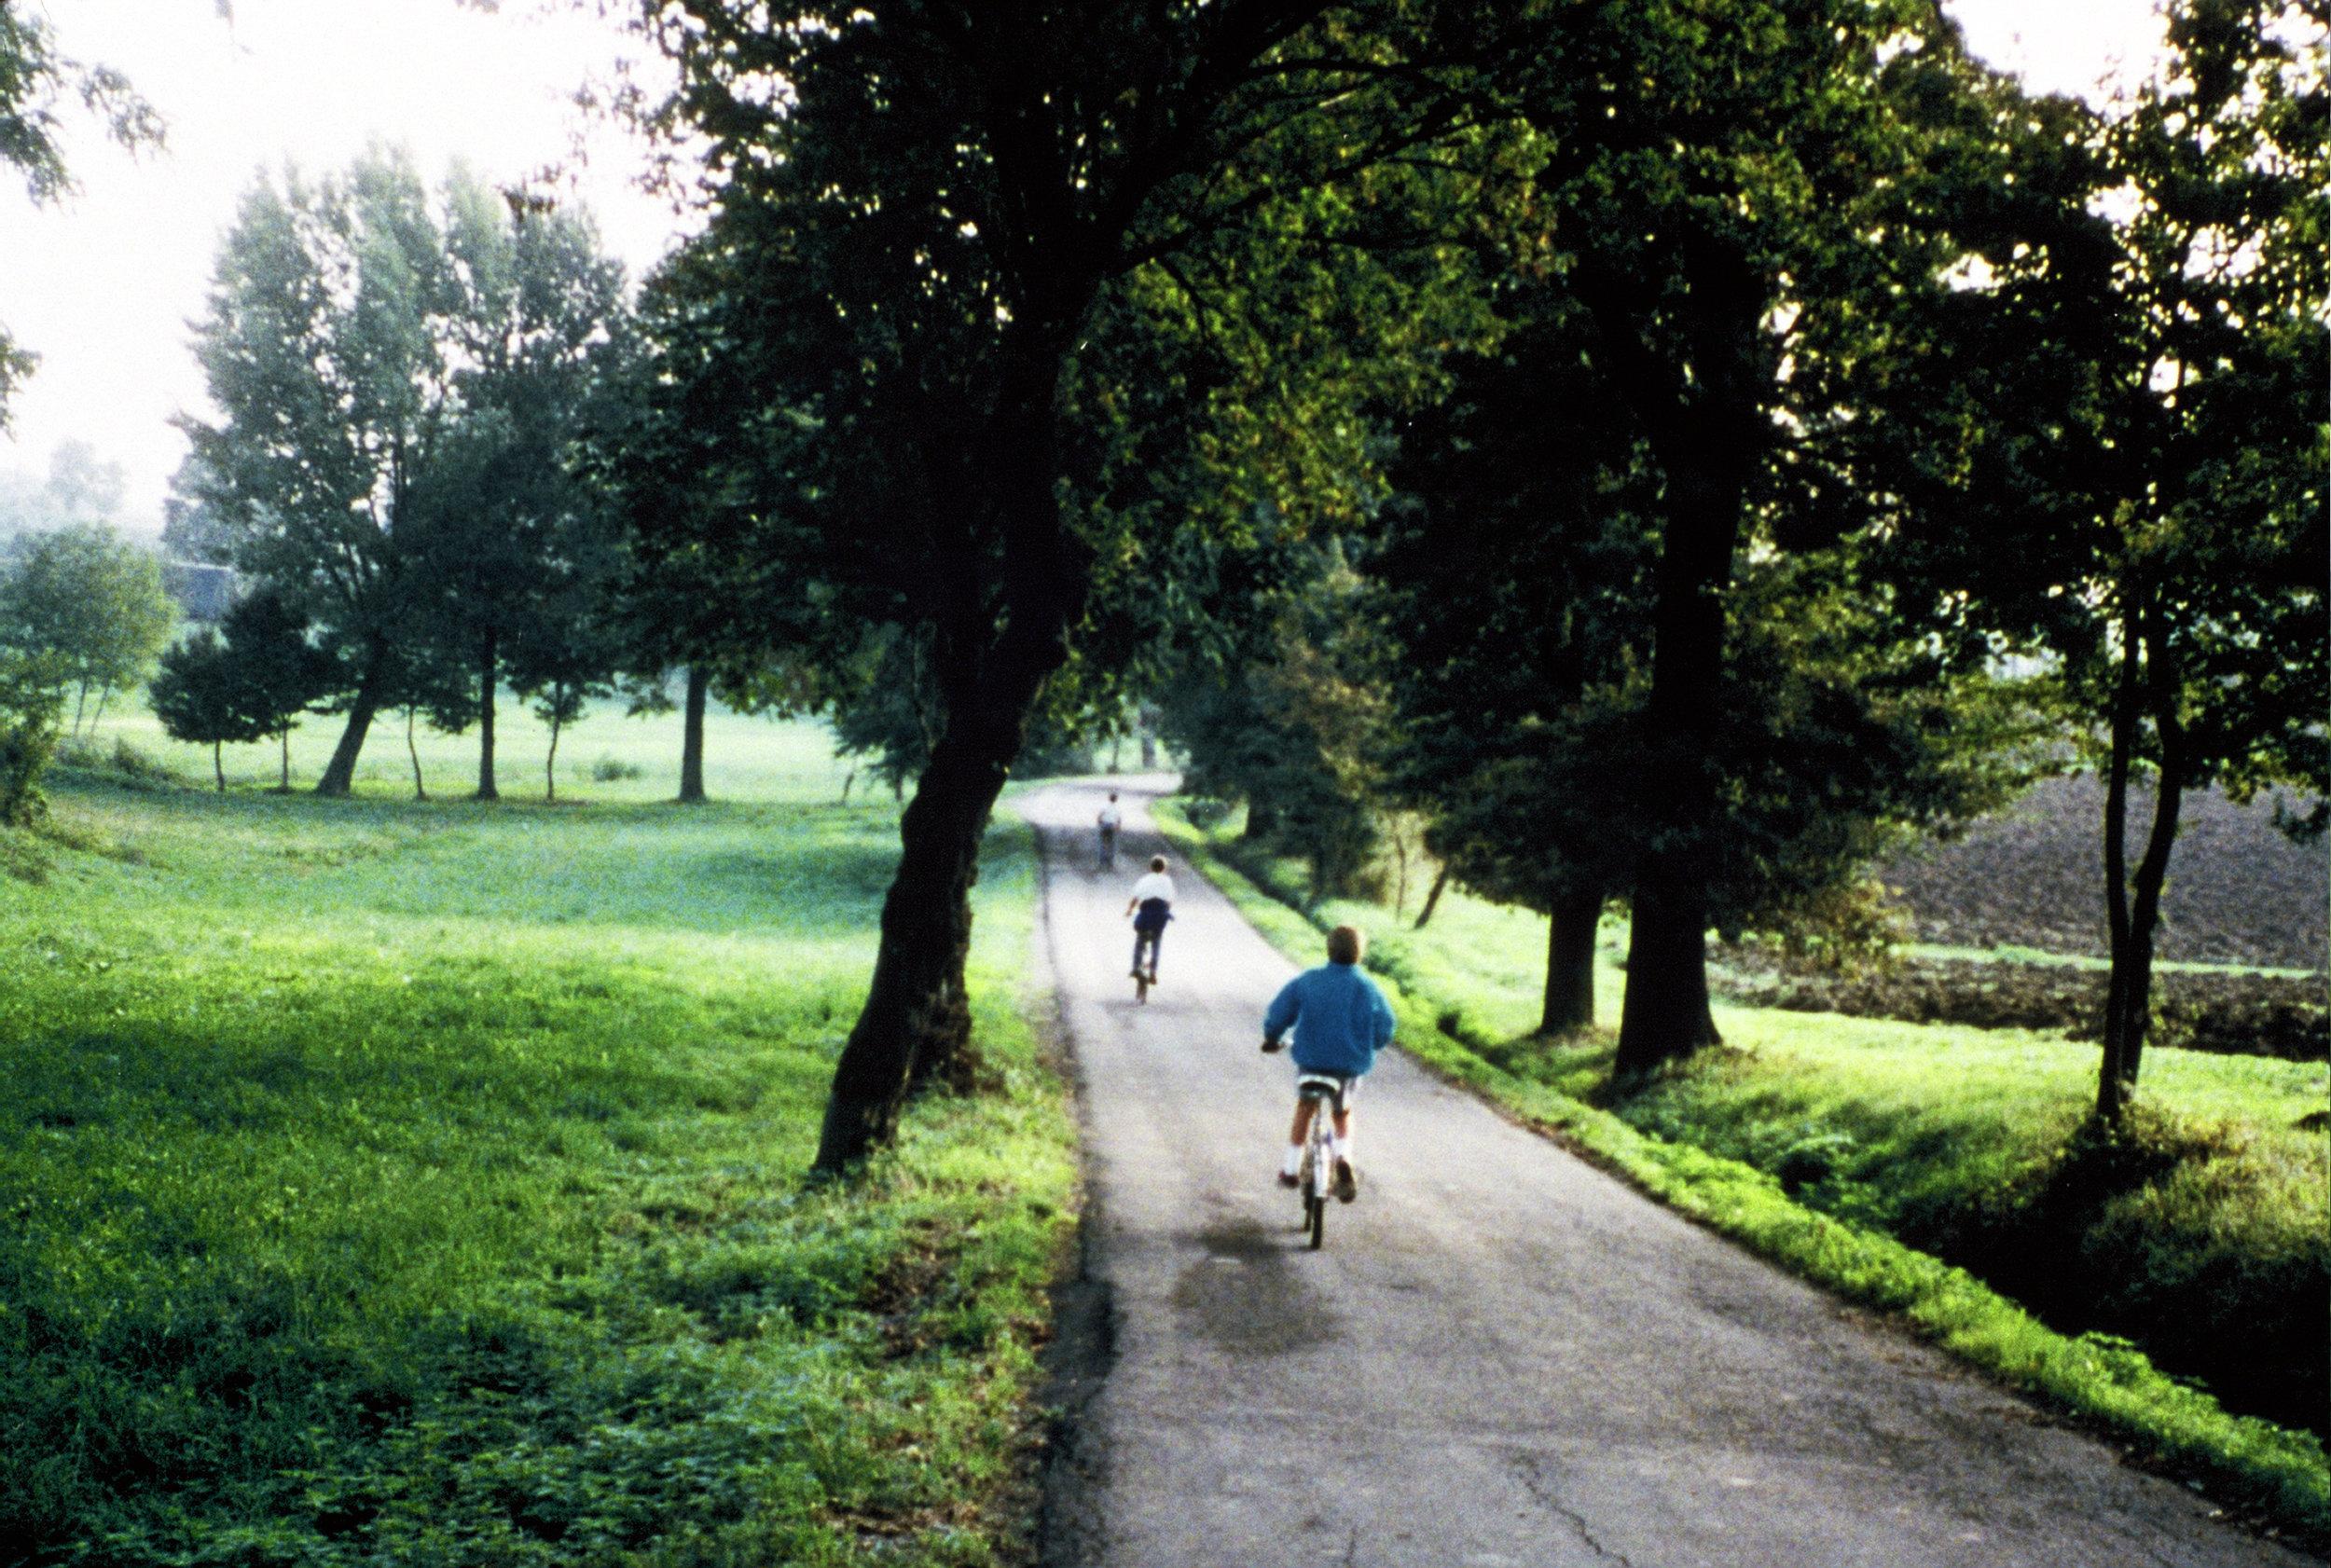 Chris, Alden and Ashley biking in the countryside outside Reggio Emilia.